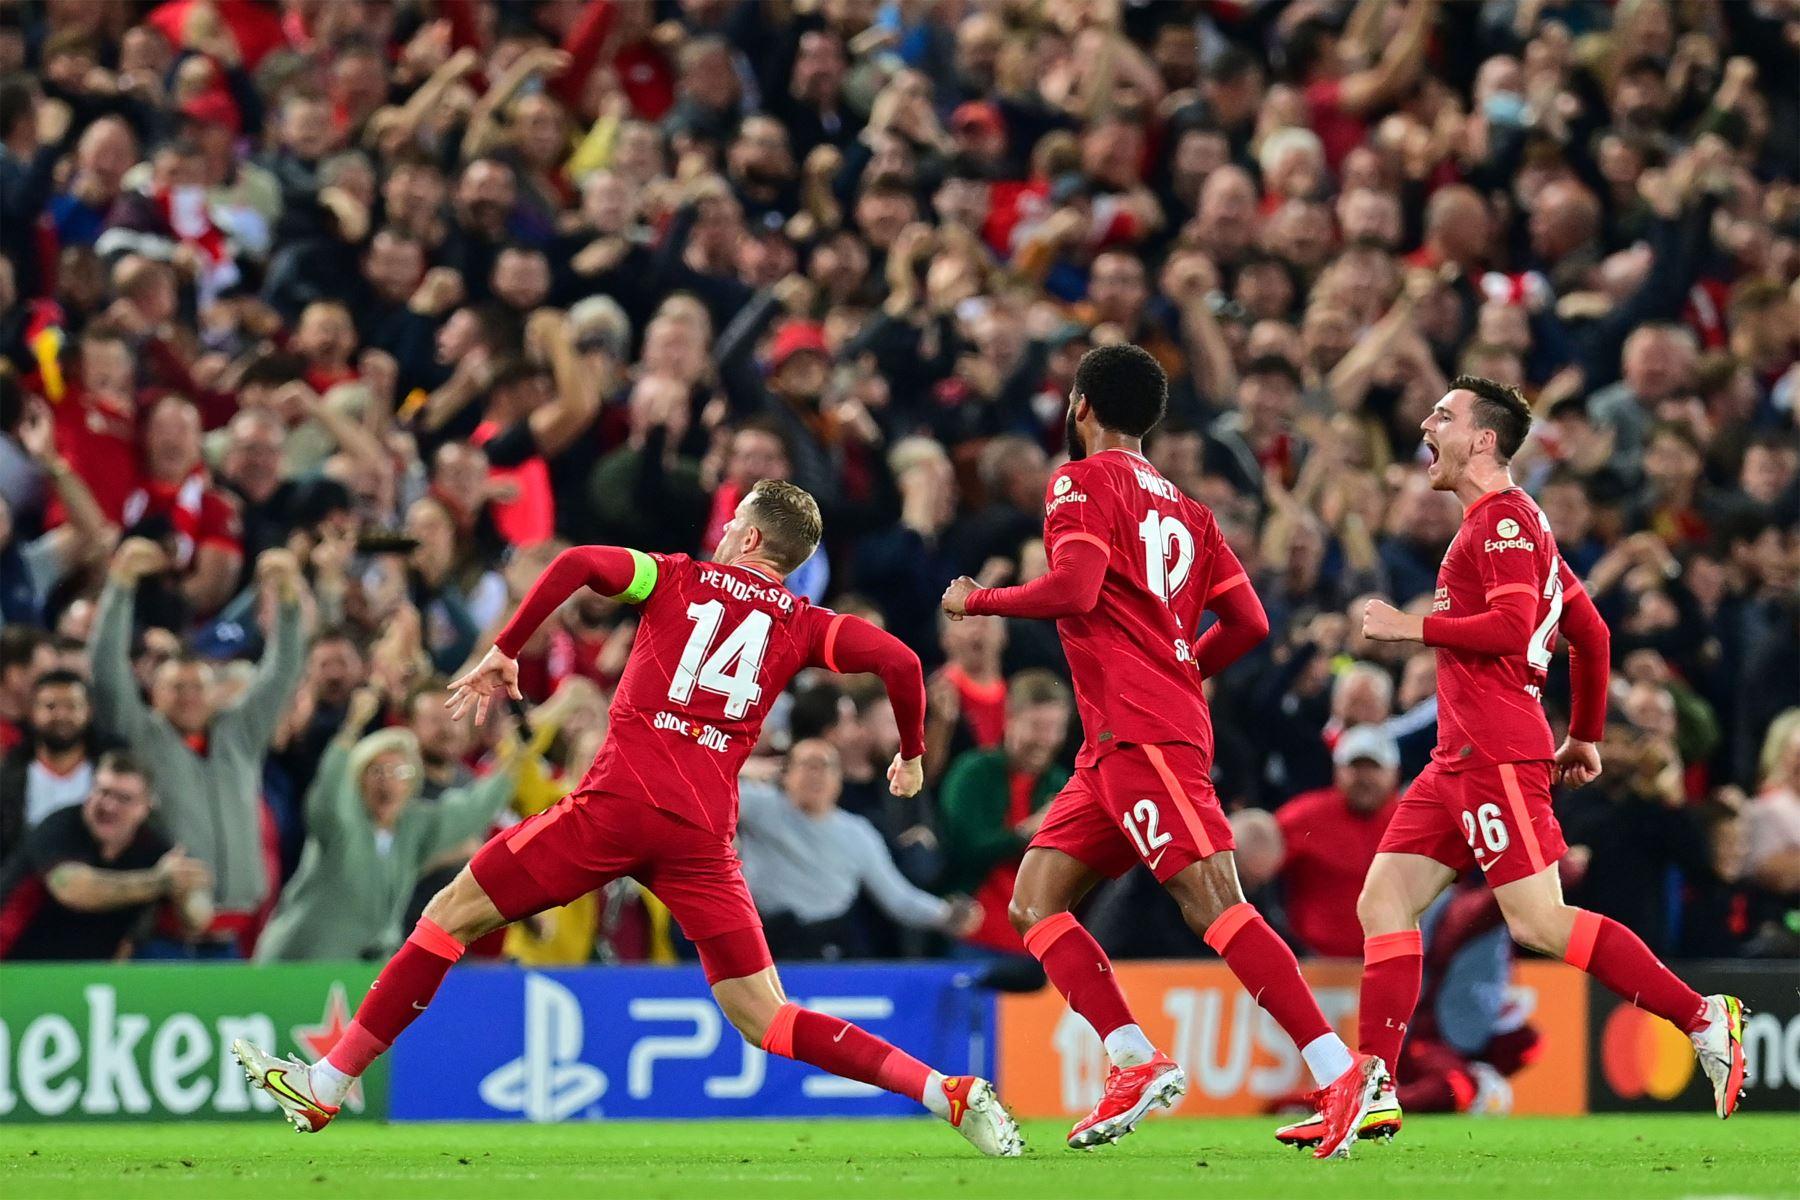 El centrocampista inglés del Liverpool Jordan Henderson celebra con sus compañeros de equipo después de anotar el tercer gol de su equipo durante el partido de fútbol del Grupo B de la primera ronda de la Liga de Campeones de la UEFA entre el Liverpool y el AC Milán. Foto: AFP